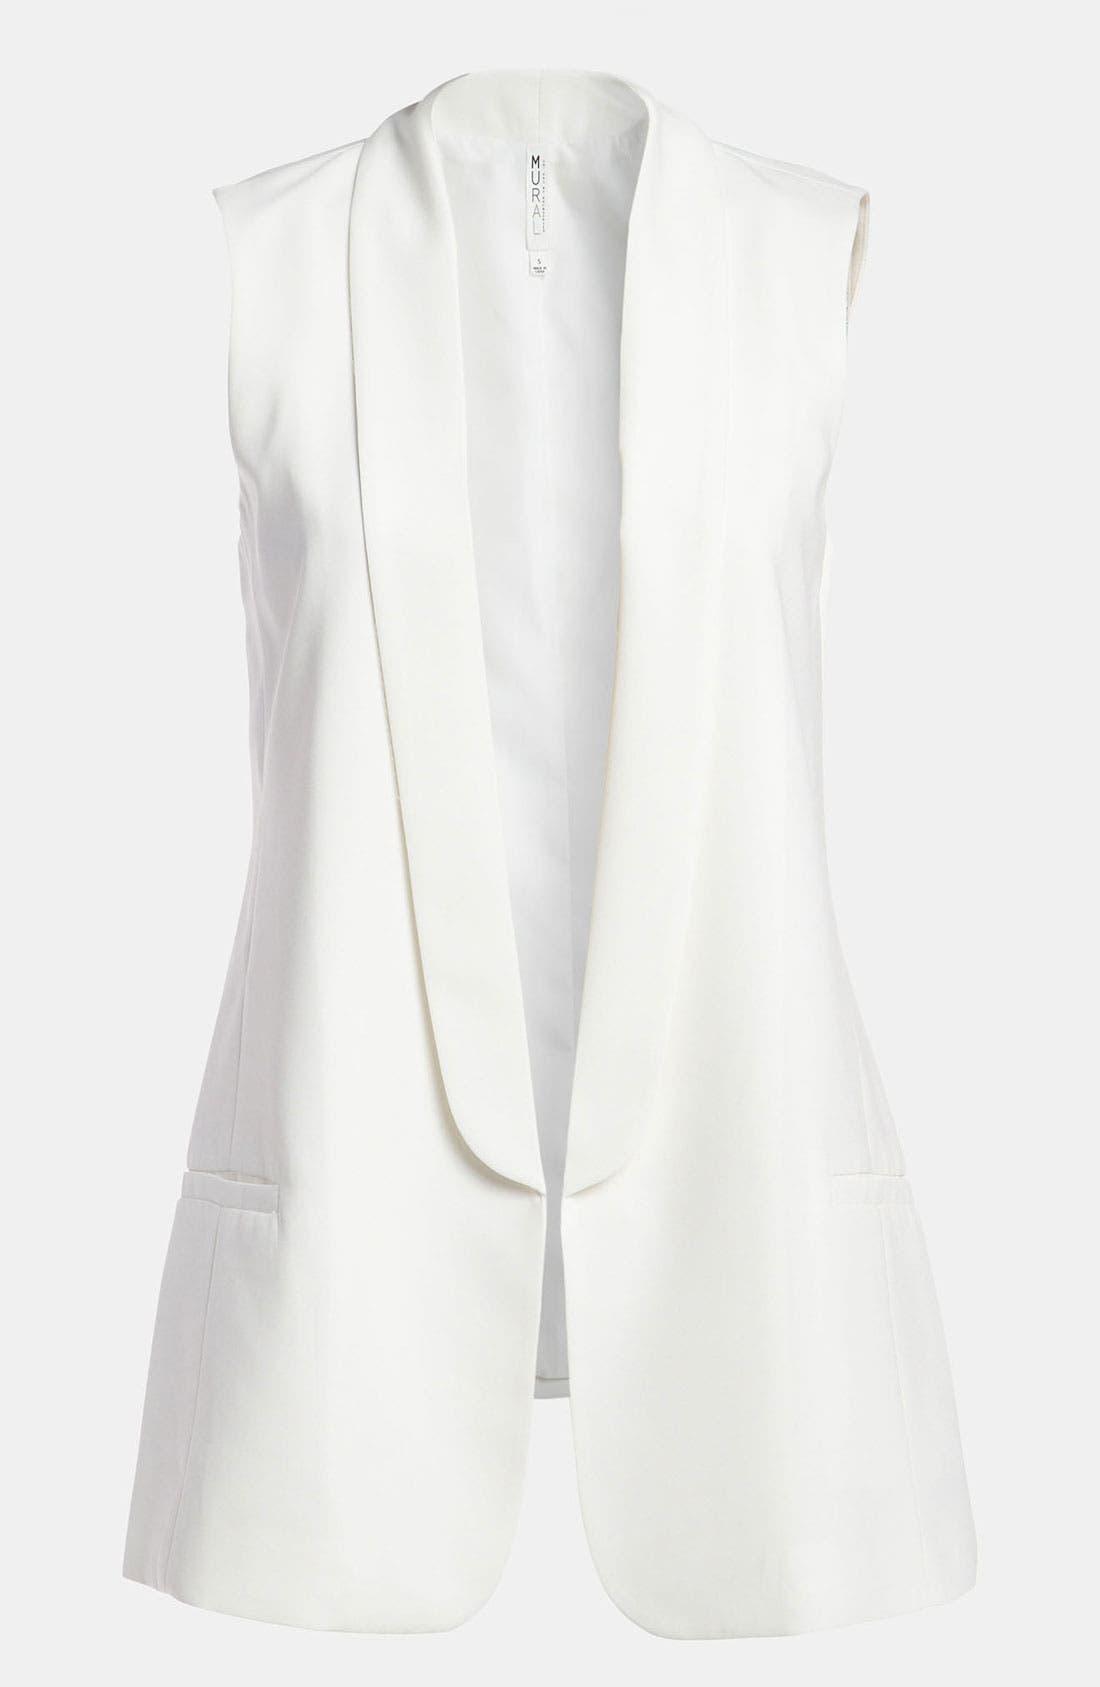 Main Image - Mural Tux Vest